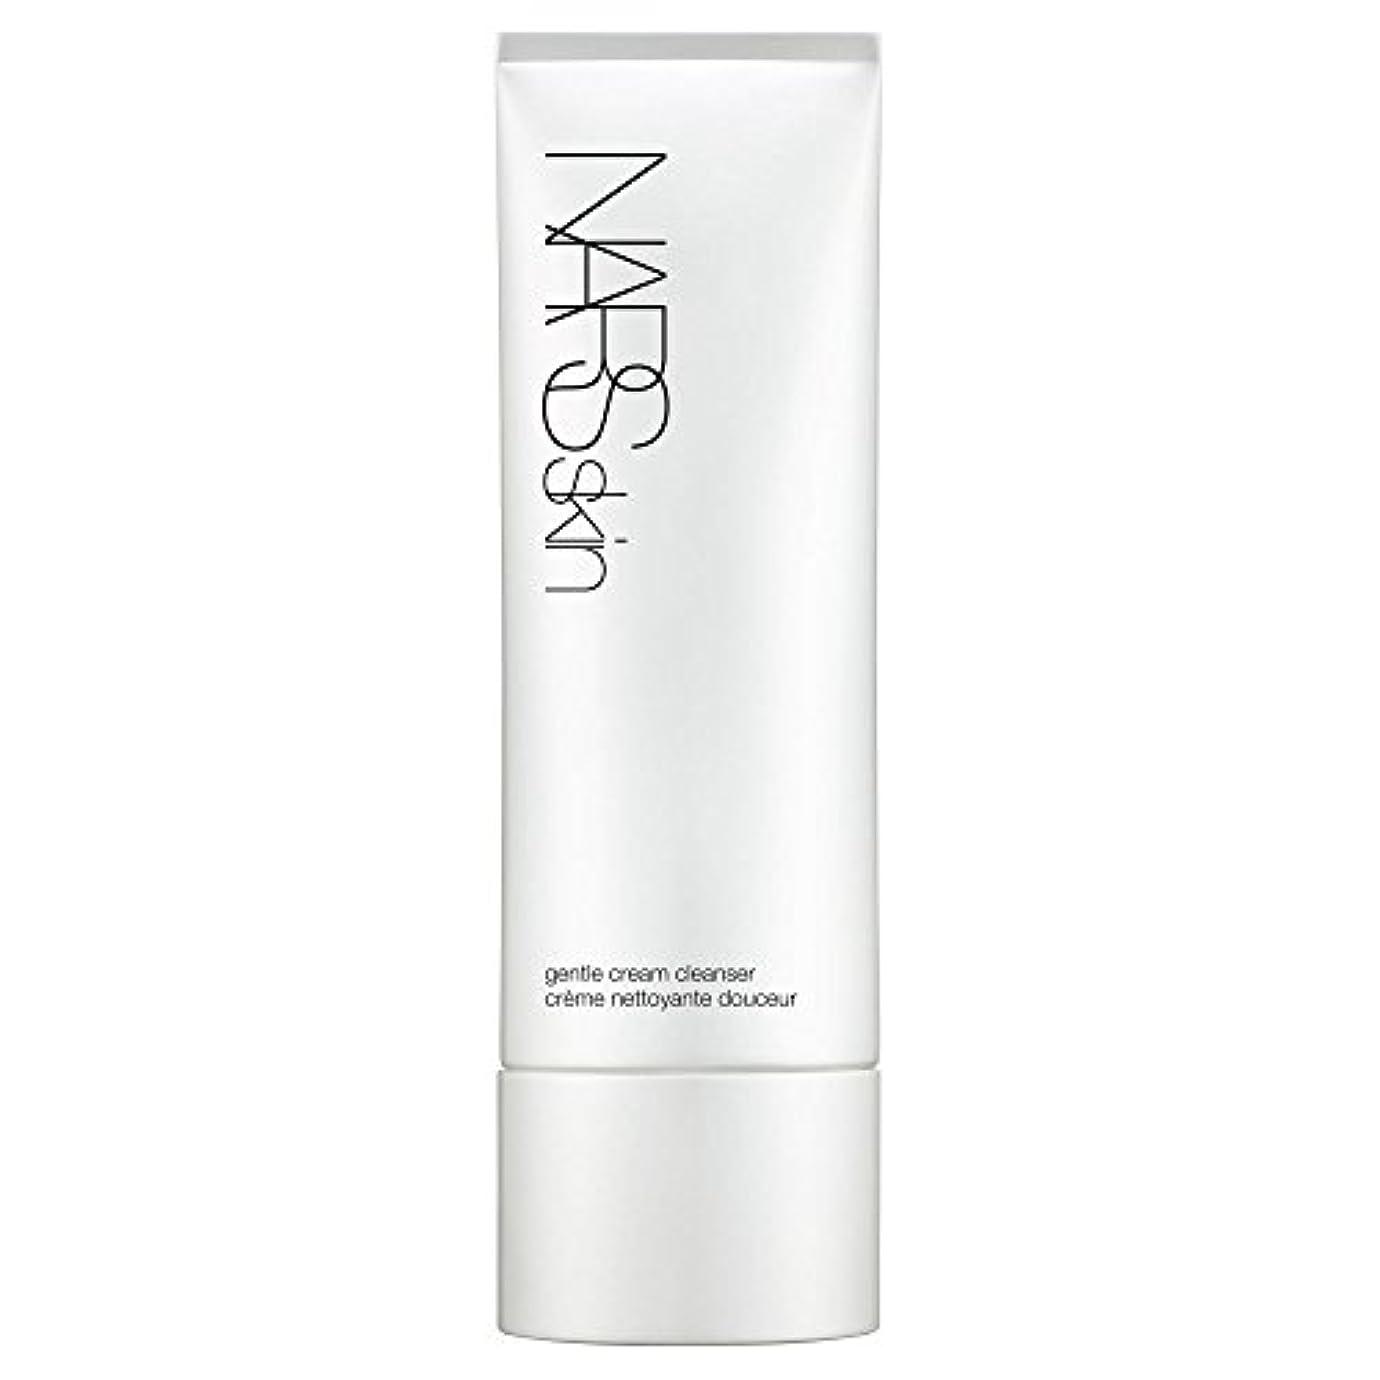 反逆エンジン治安判事[NARS] Narsskin優しいクリームクレンザー、125ミリリットル - Narsskin Gentle Cream Cleanser, 125ml [並行輸入品]